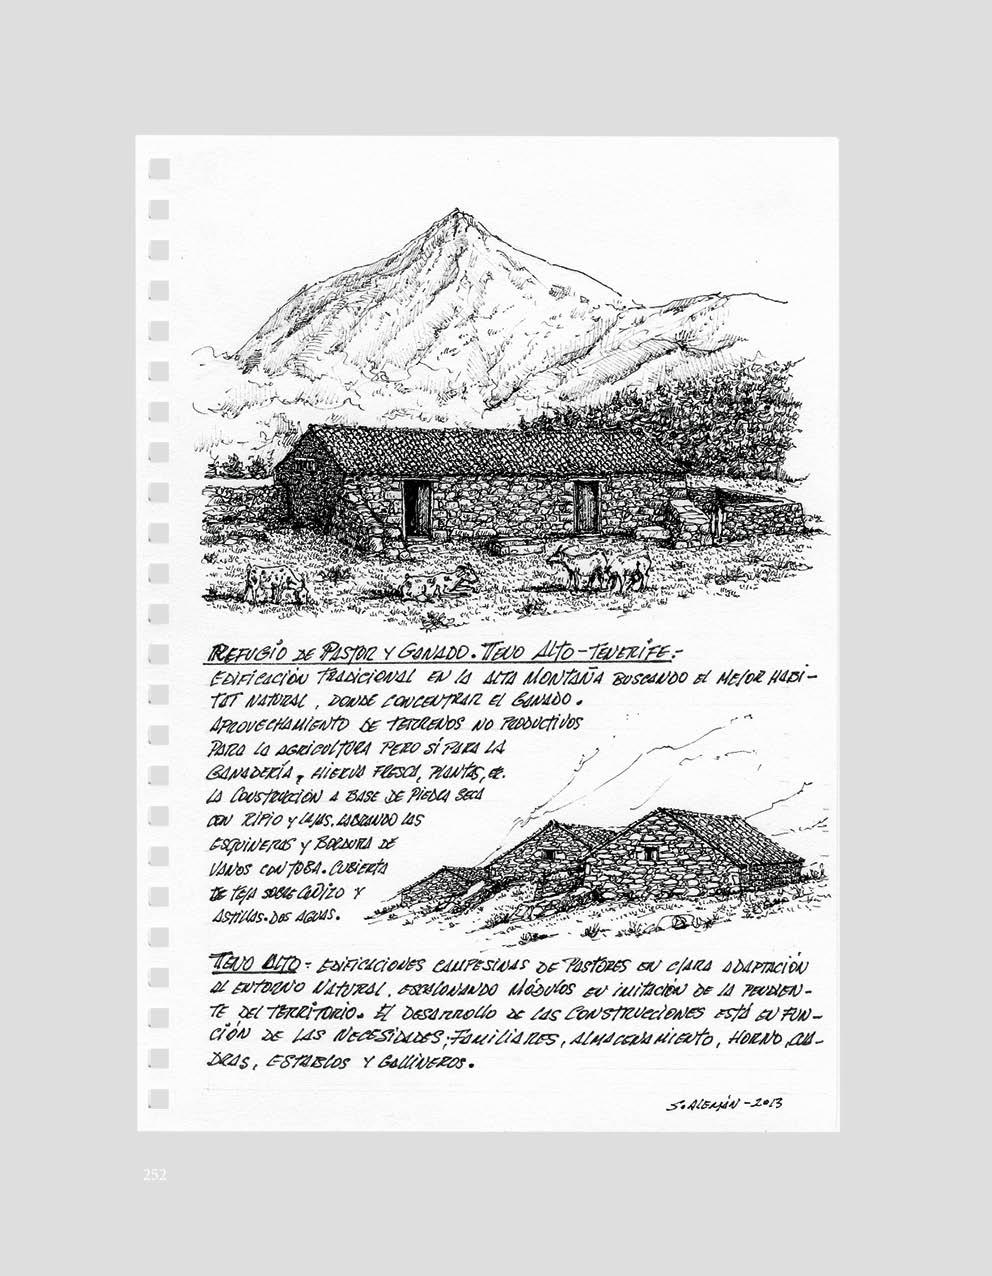 09 Libro S-Aleman 252.jpg